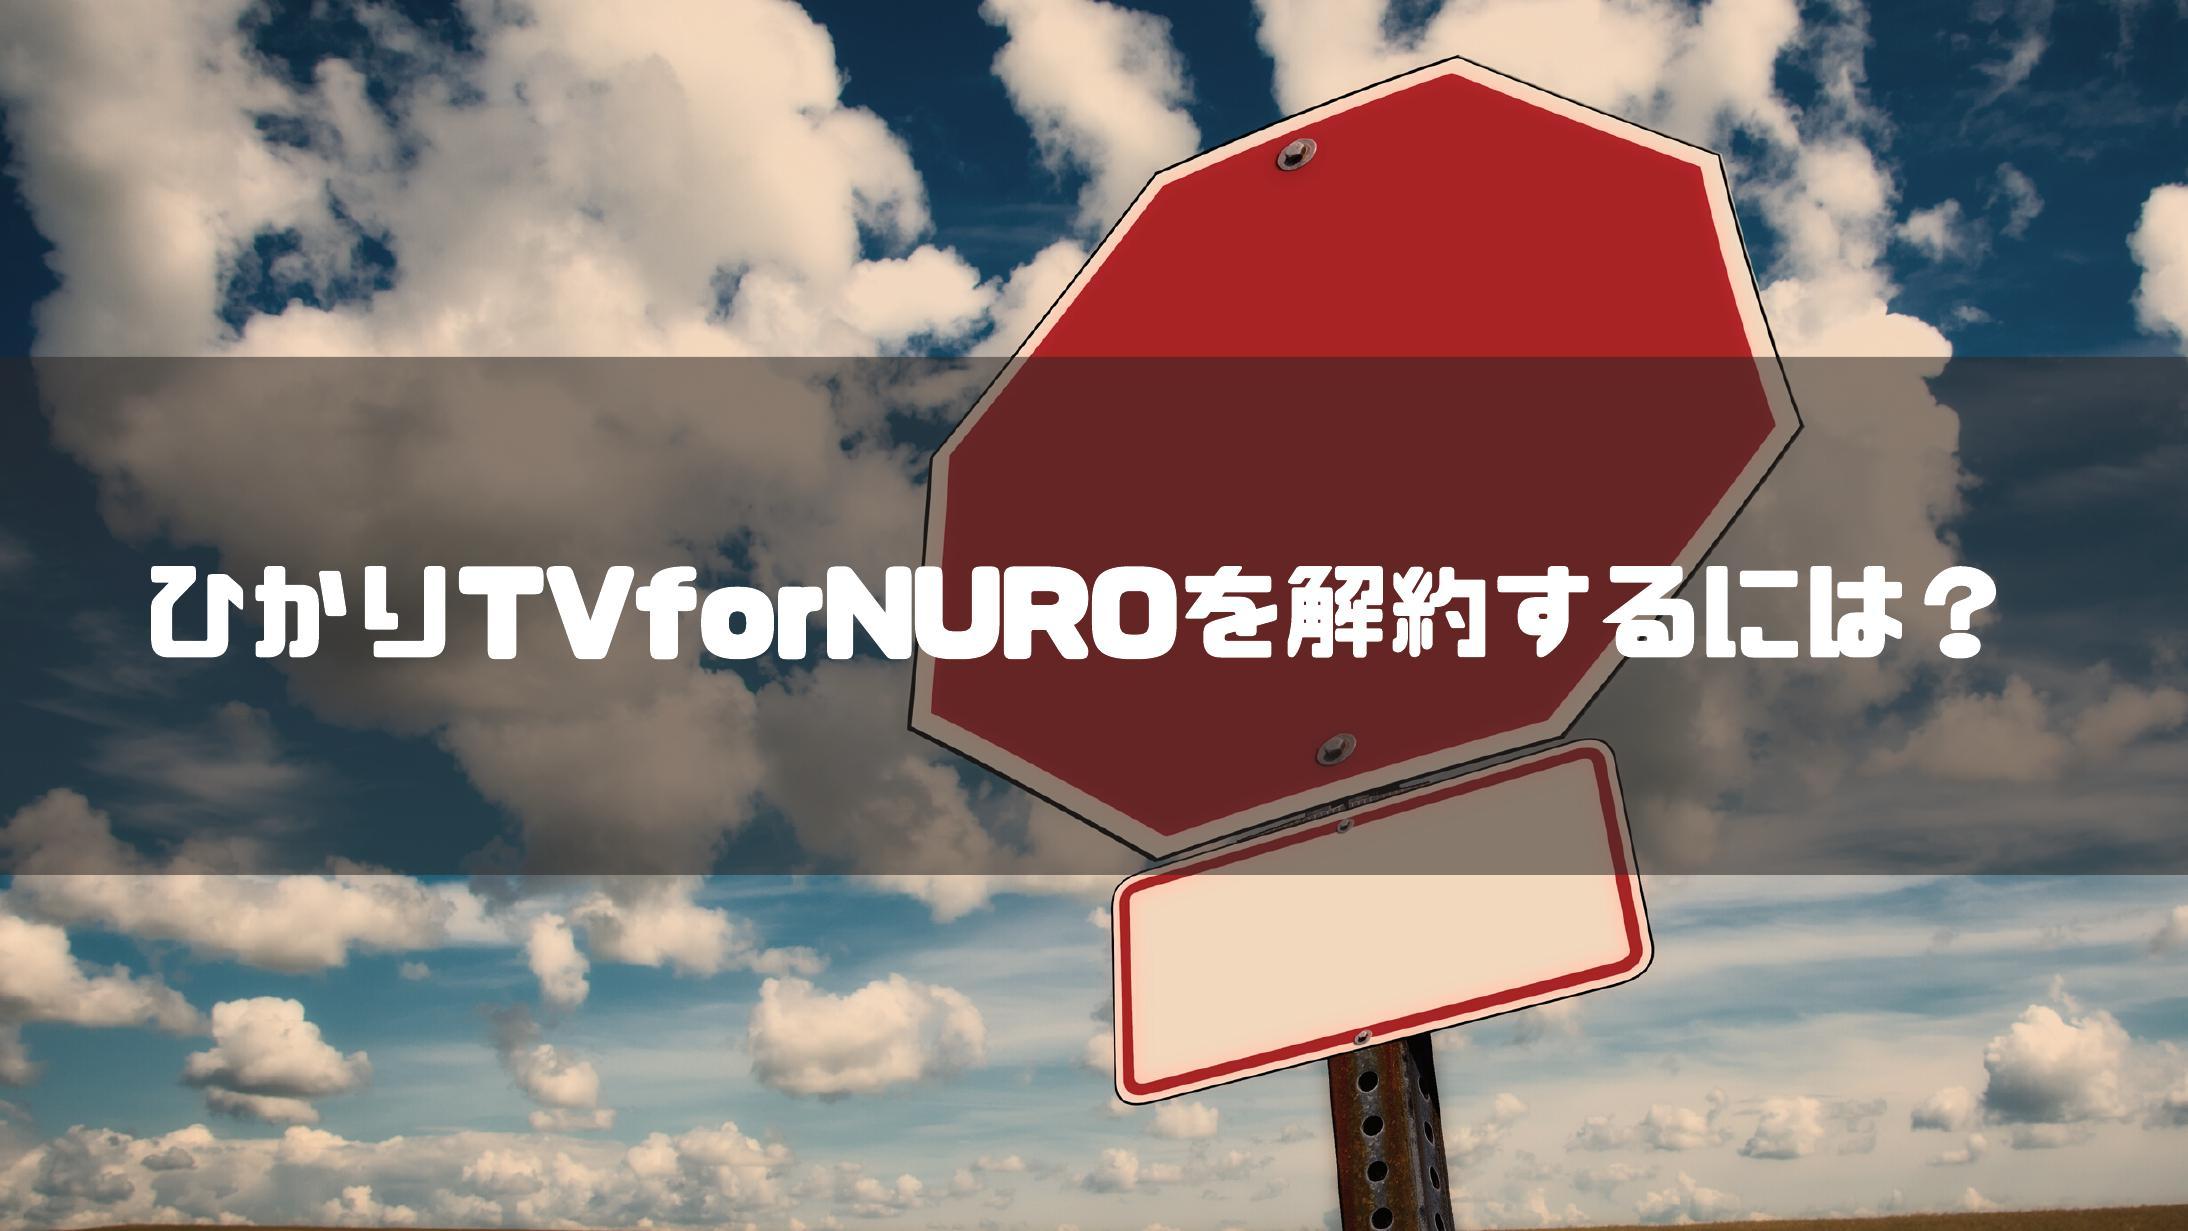 NURO_光_テレビ